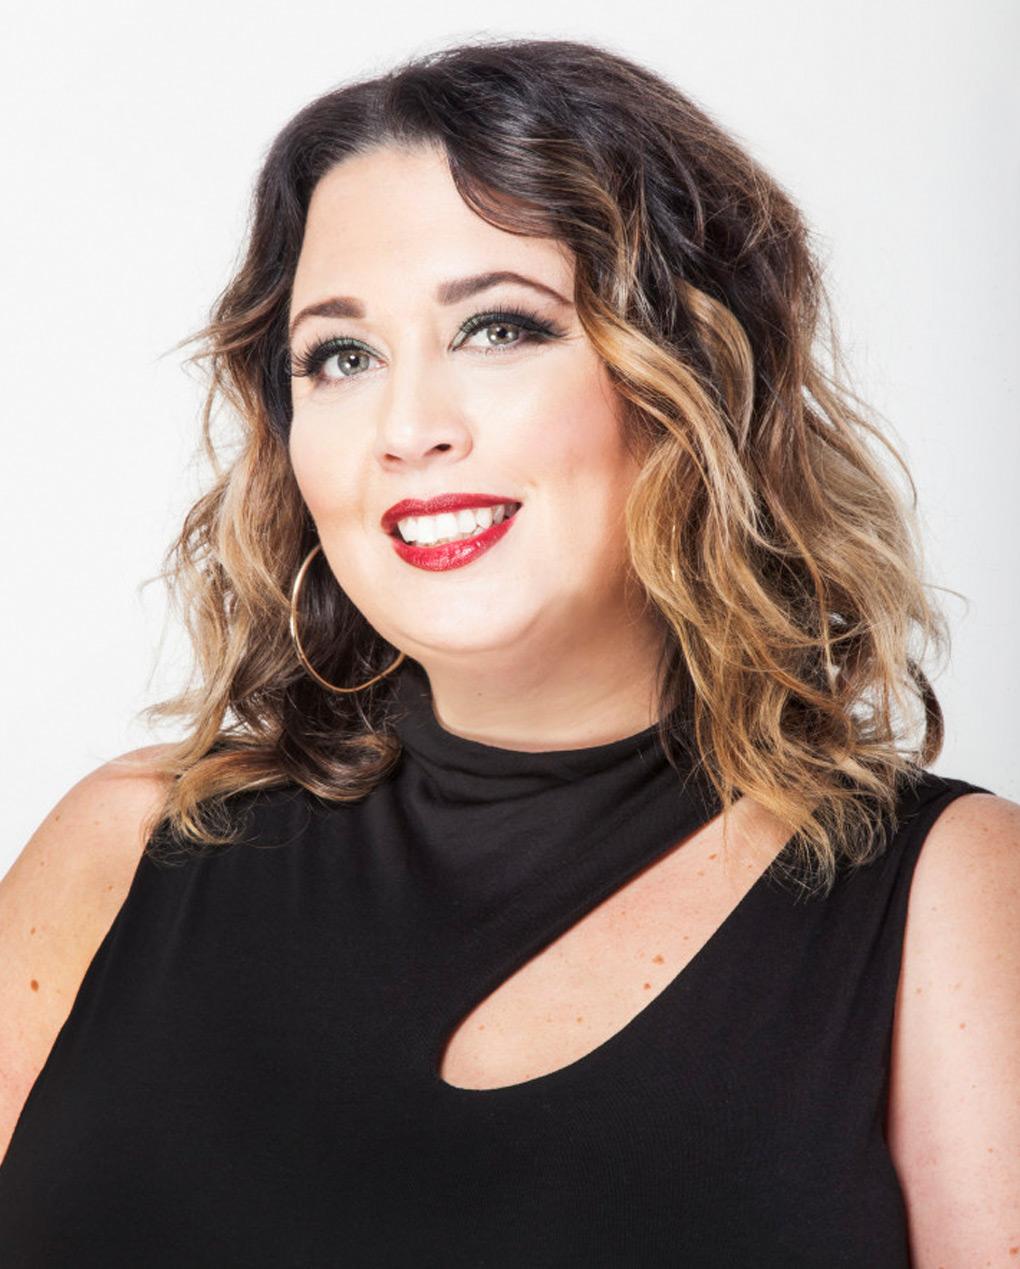 Lisa Bevivino